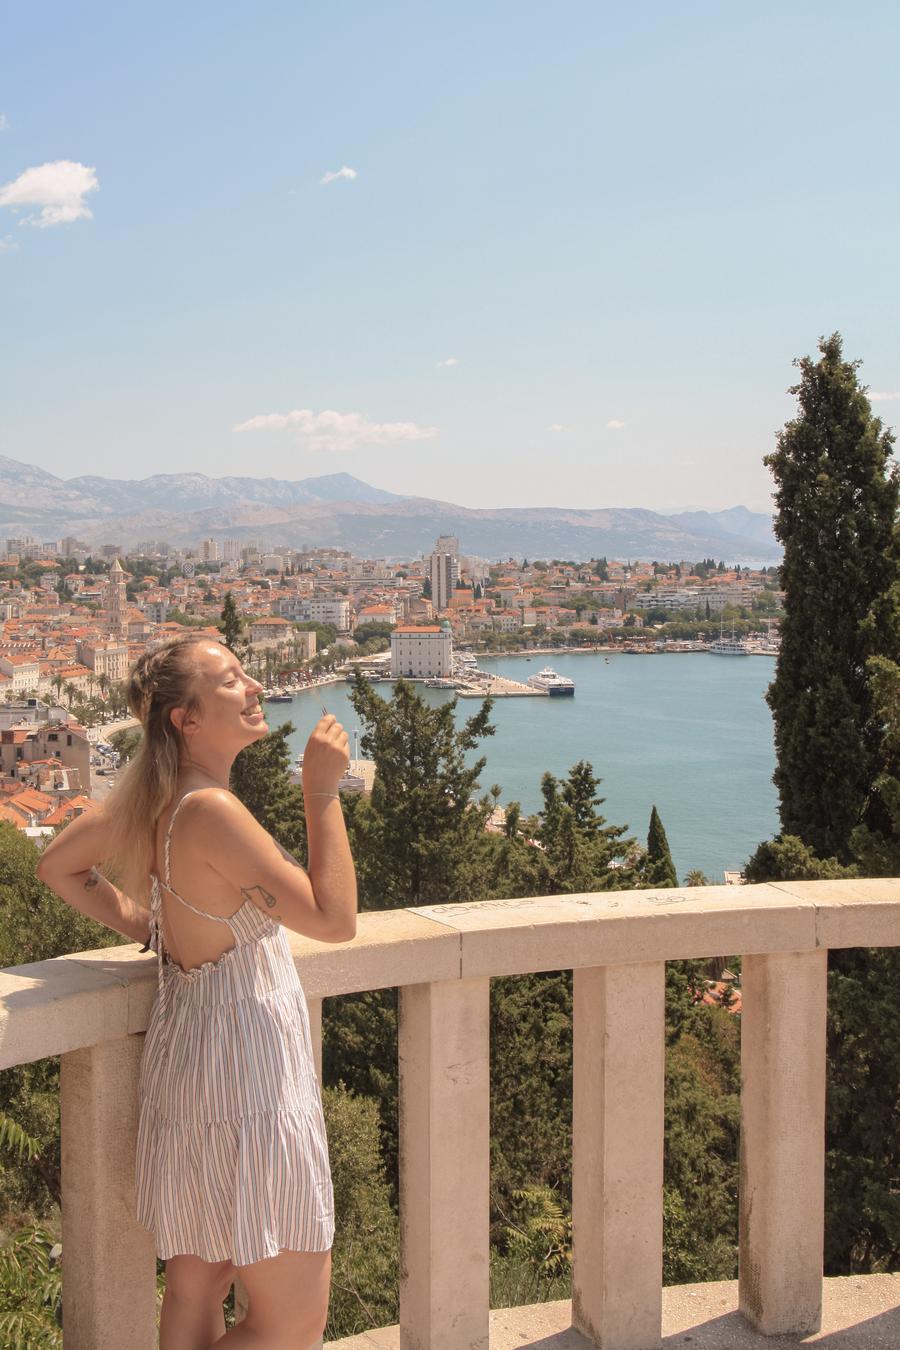 Photo of Ines Andric